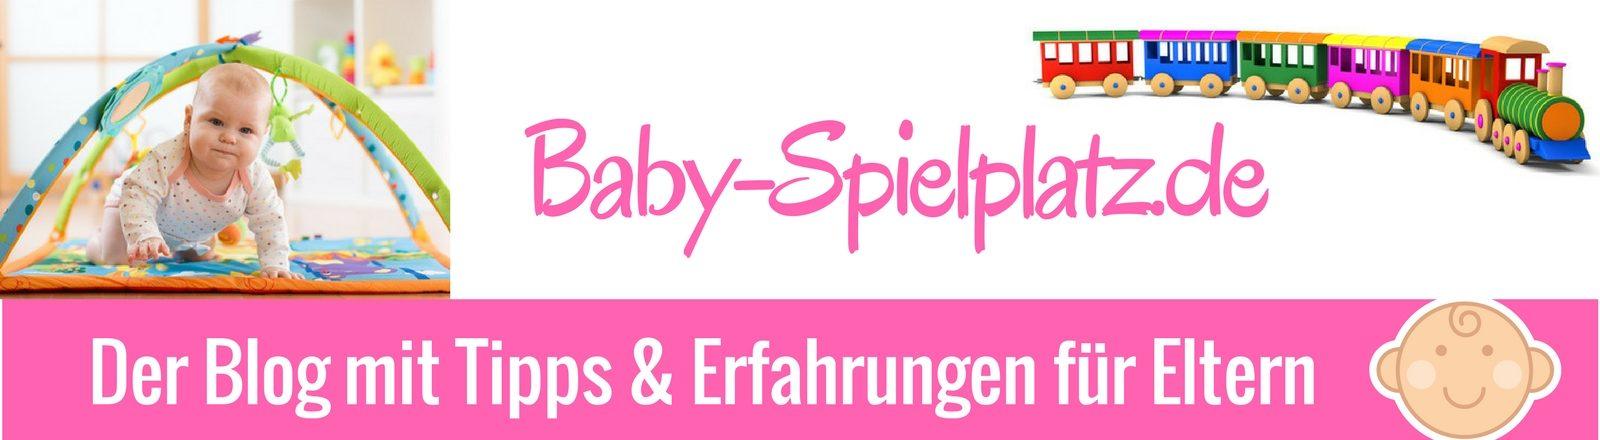 Baby-Spielplatz.de